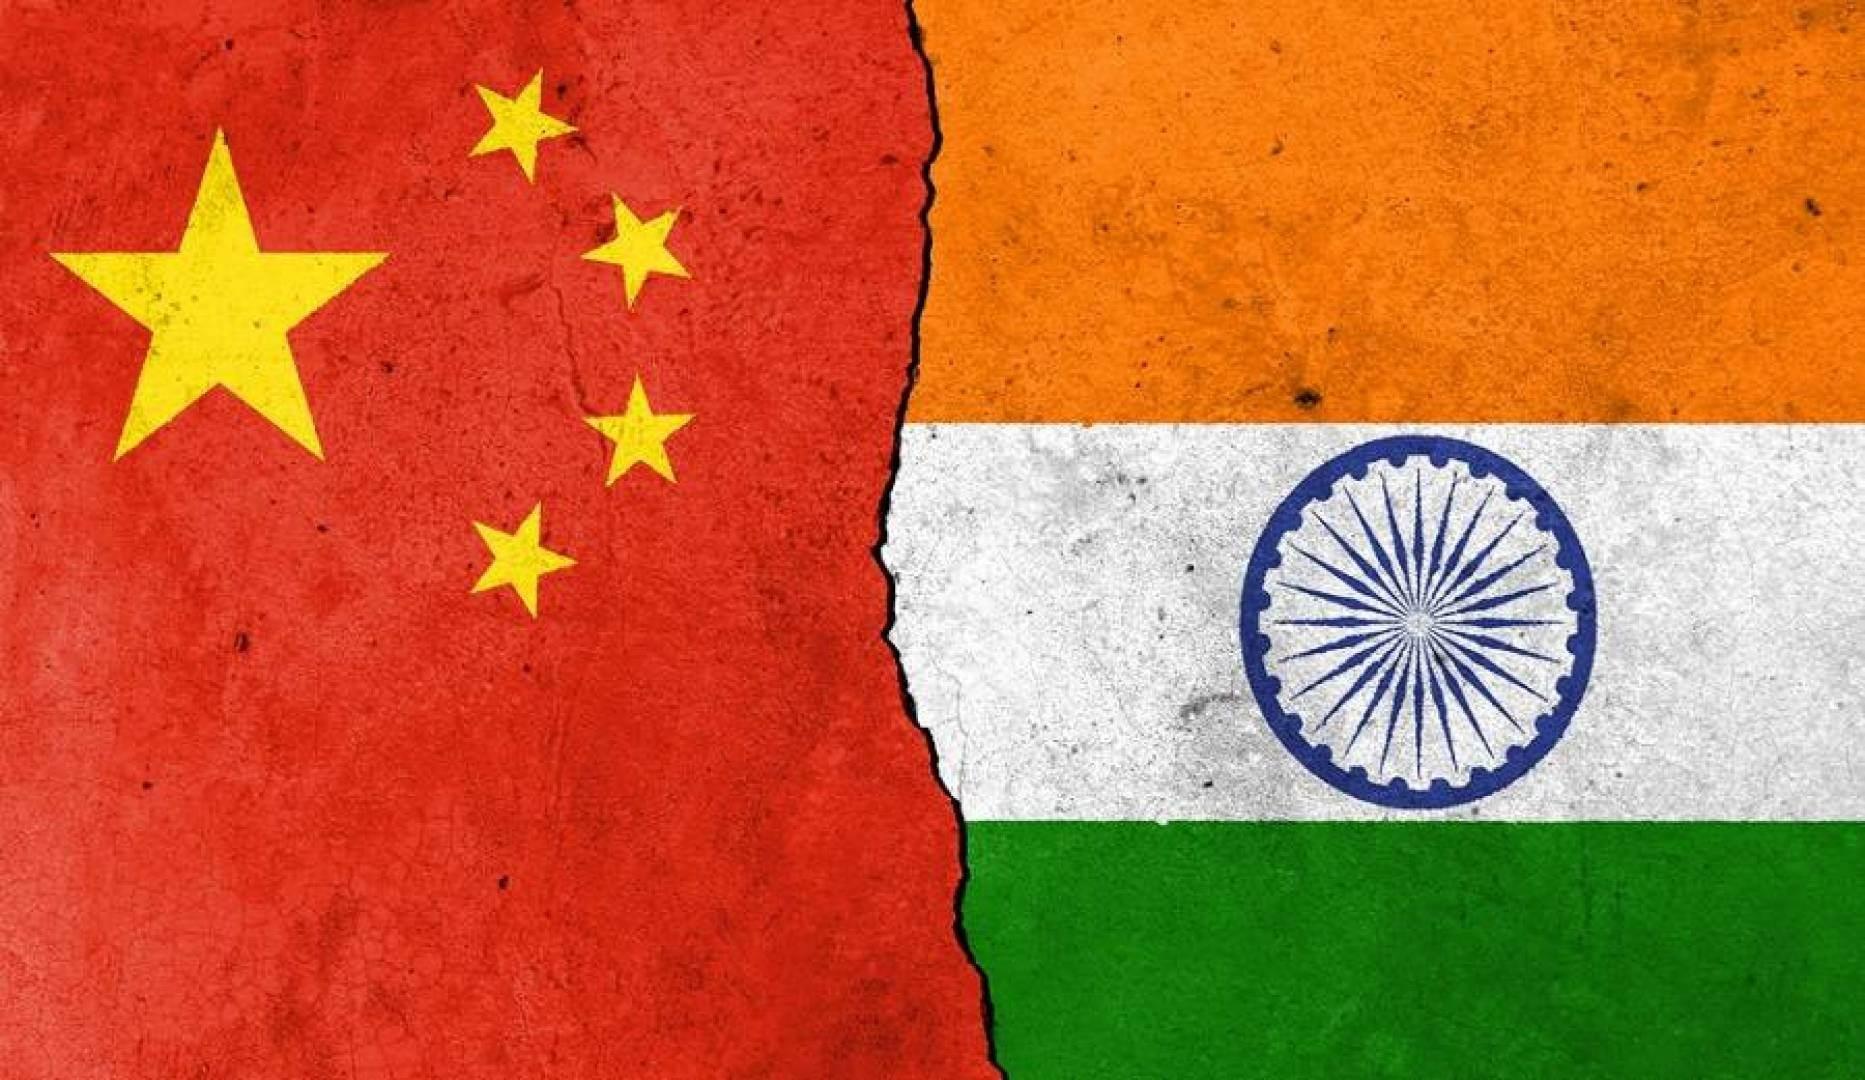 الصين والهند نحو التهدأة على الحدود المتنازع عليها